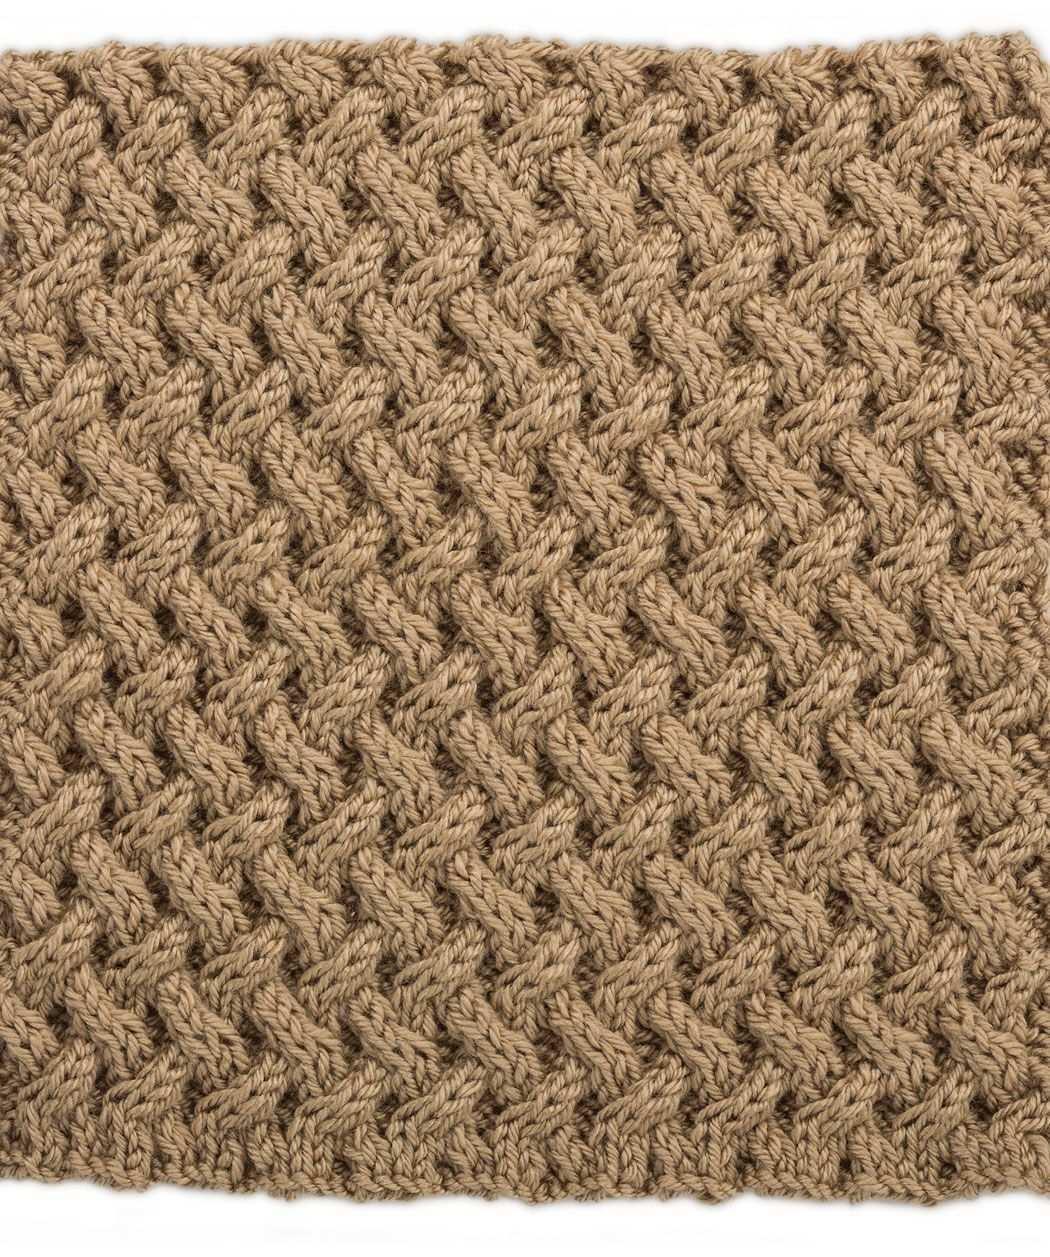 Von Edie Eckman Fur Eine Patchwork Decke 4 Gittermuster Socken Stricken Muster Zopfmuster Stricken Muster Stricken